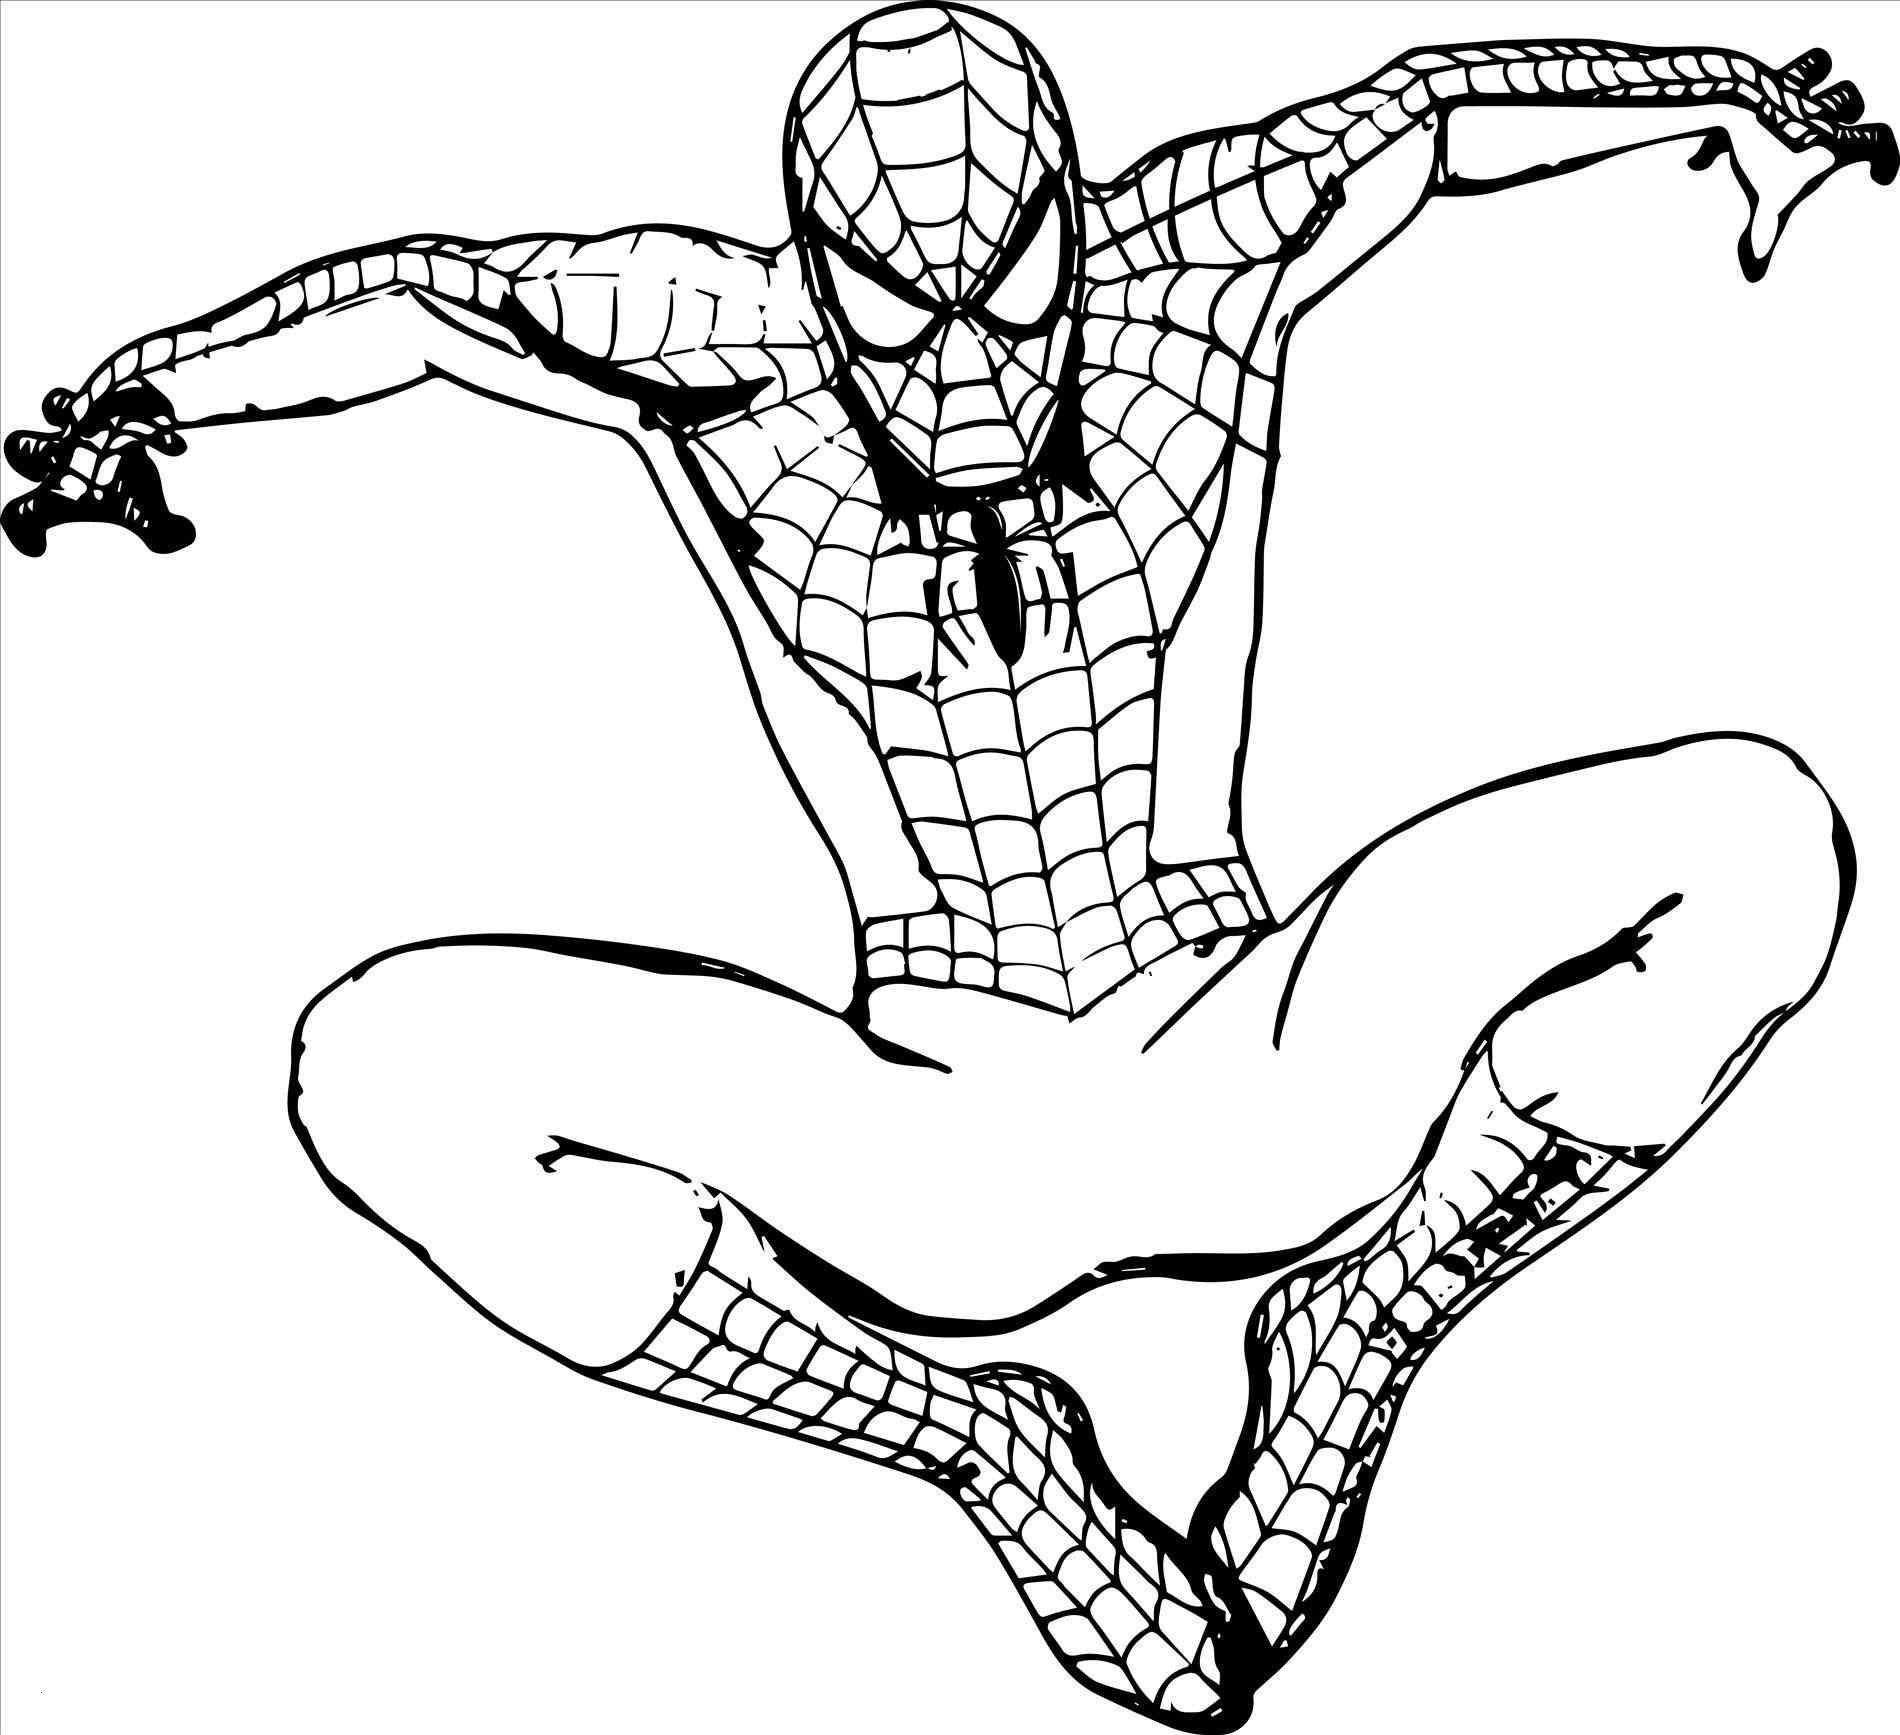 Dessin A Colorier Et Imprimer Spiderman tout Masque Spiderman A Imprimer